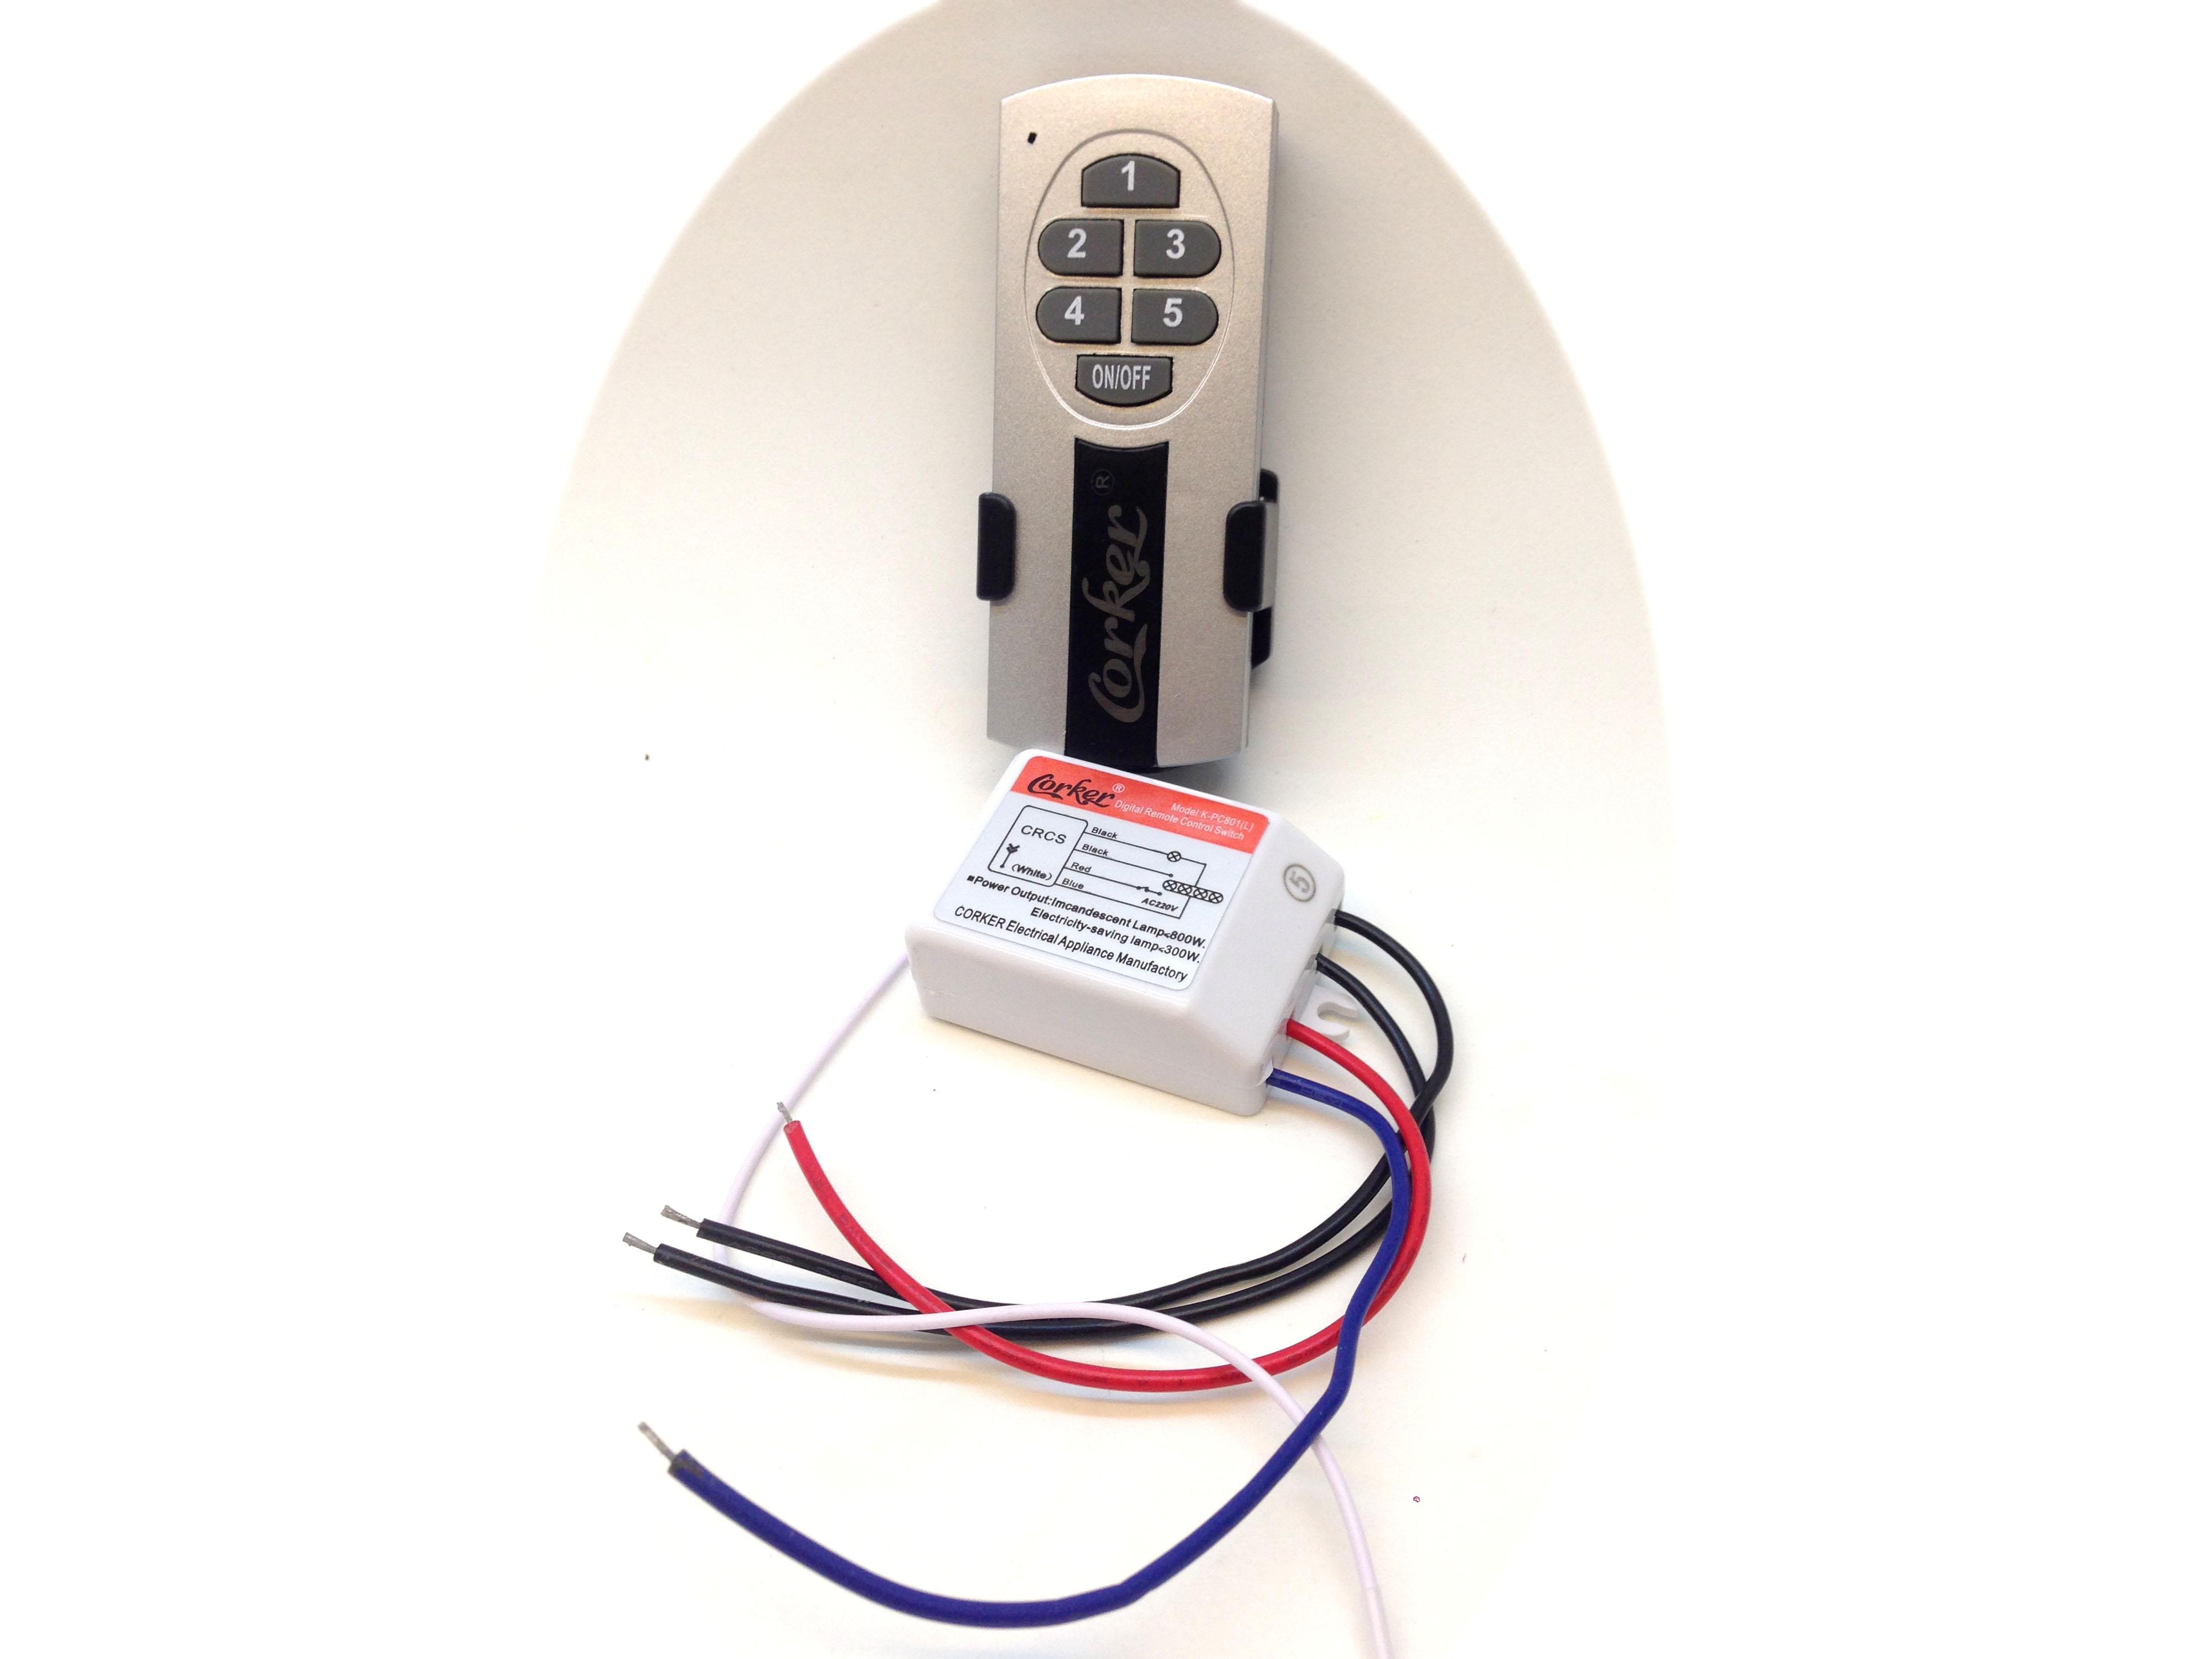 Công tắc điều khiển từ xa 5 kênh 220V độc lập có khiển